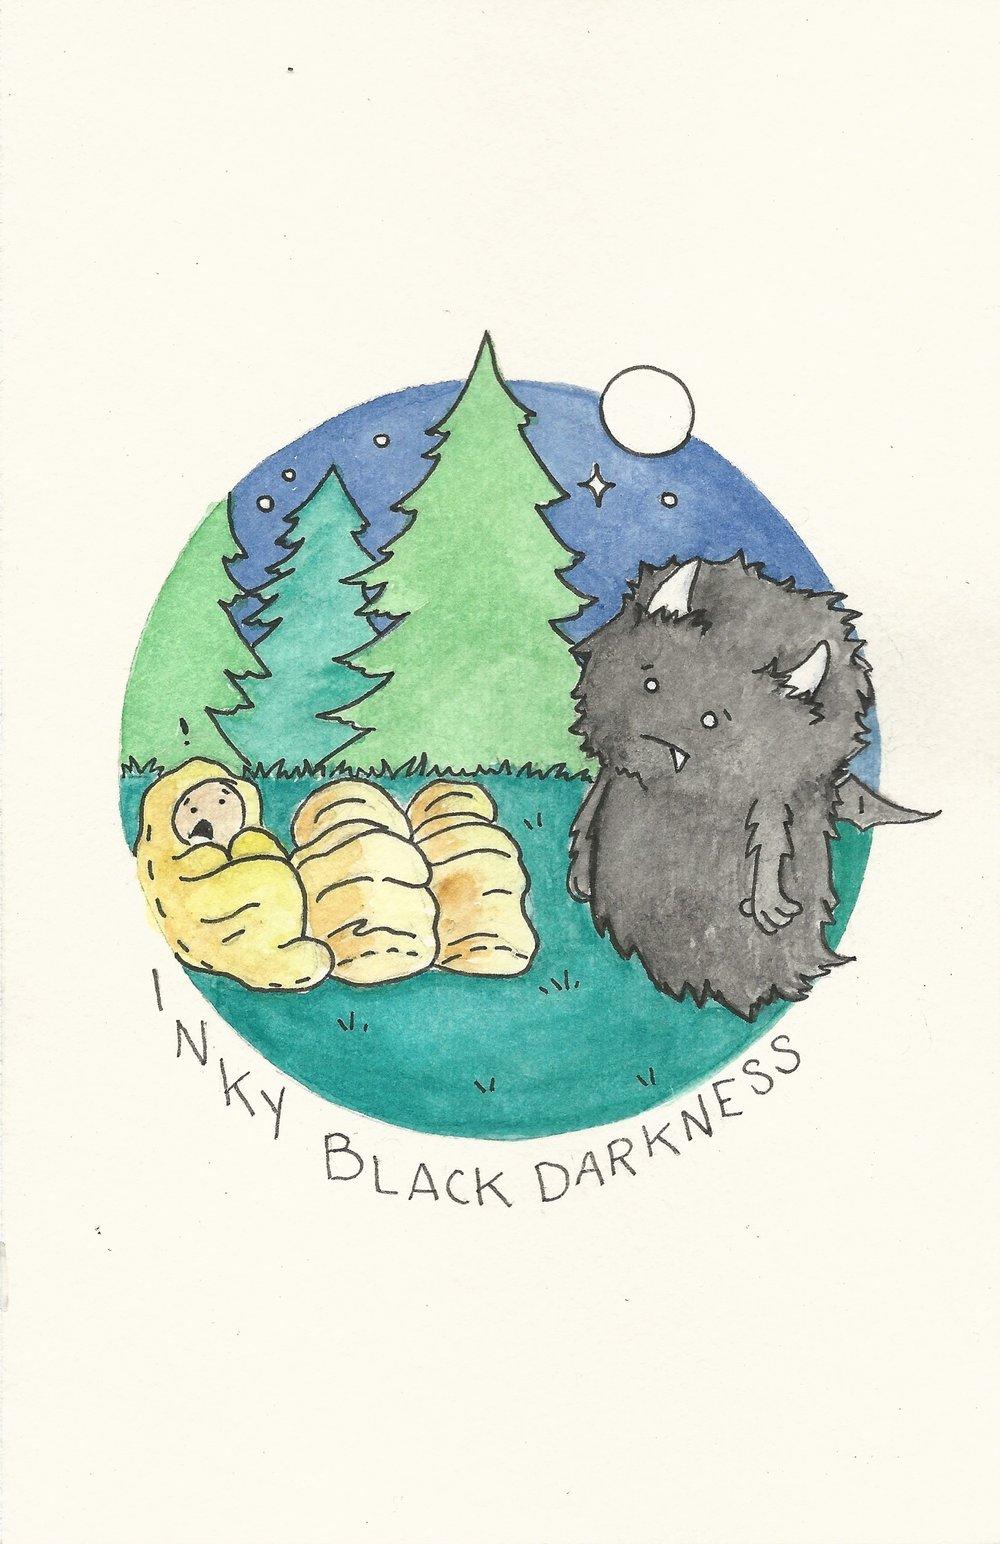 Inky Black Darkness V2.jpg